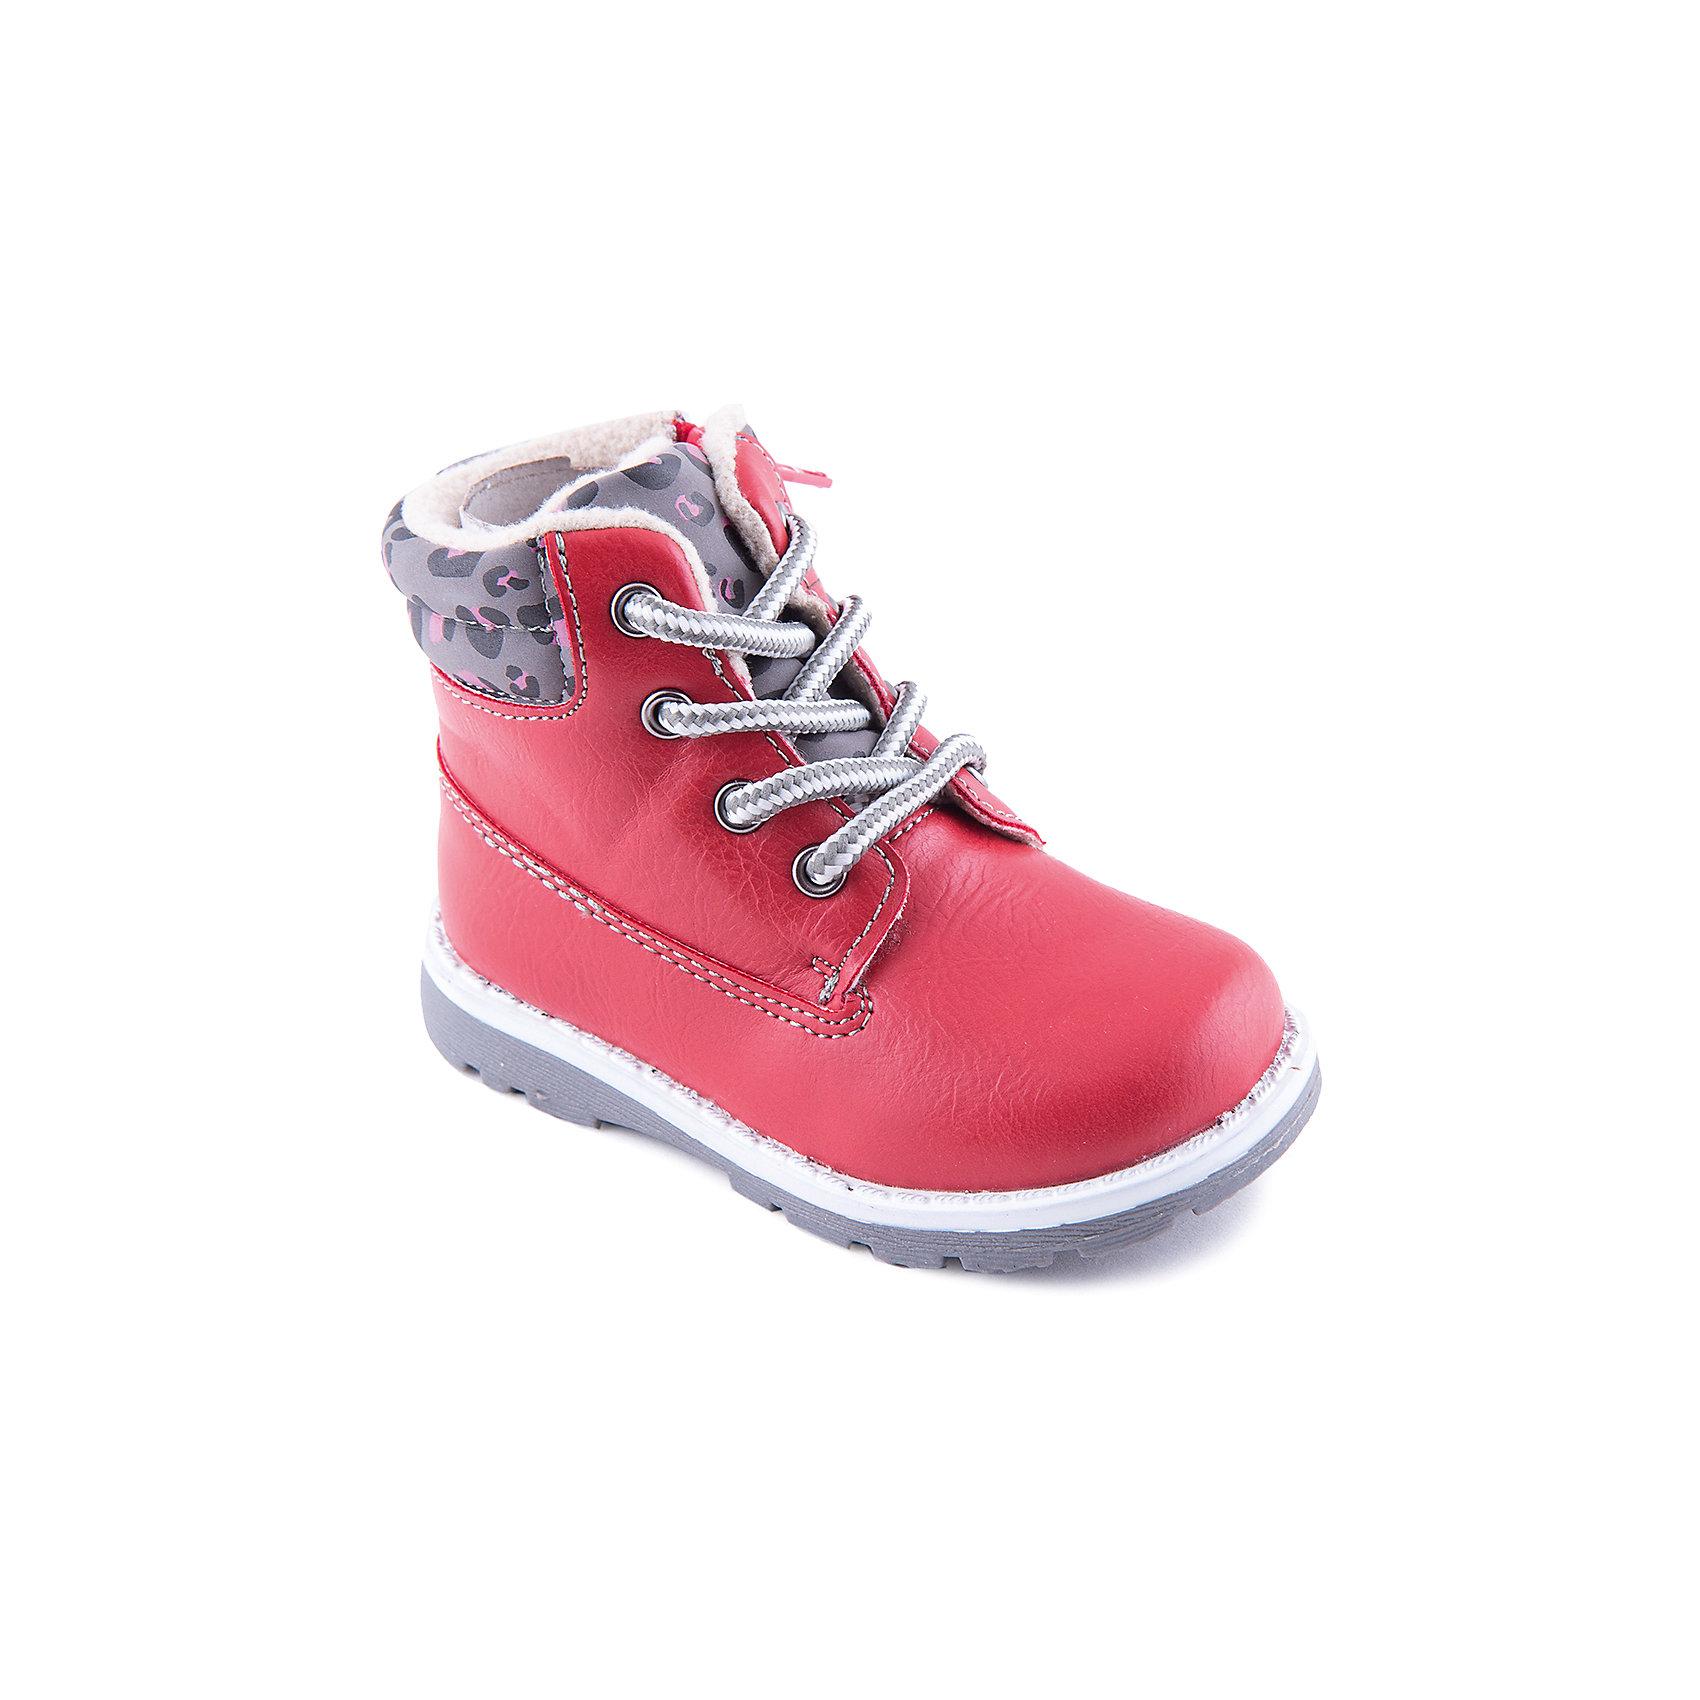 Ботинки для мальчика Indigo kidsОбувь для детей требует особого внимания: она предназначается для самых взыскательных покупателей и самых маленьких потребителей – родителей и детей. Дизайнеры и технологи, занимающиеся разработкой обуви для детей, учитывают особенности развивающейся детской стопы, поэтому, приобретая «Индиго Кидс»,  Вы можете быть уверены – она действительно создана специально для детей. Каждая модель обладает профилактической стелькой из натуральной кожи, способствующей правильному формированию стопы ребенка. <br><br>Состав:<br>Материал верха: Кожа искусственная<br>Материал подклада: Байка<br>Стелька: Байка<br>Подошва: ТЭП<br><br>Ширина мм: 262<br>Глубина мм: 176<br>Высота мм: 97<br>Вес г: 427<br>Цвет: красный<br>Возраст от месяцев: 9<br>Возраст до месяцев: 12<br>Пол: Мужской<br>Возраст: Детский<br>Размер: 20,21,23,25,24,22<br>SKU: 4262315